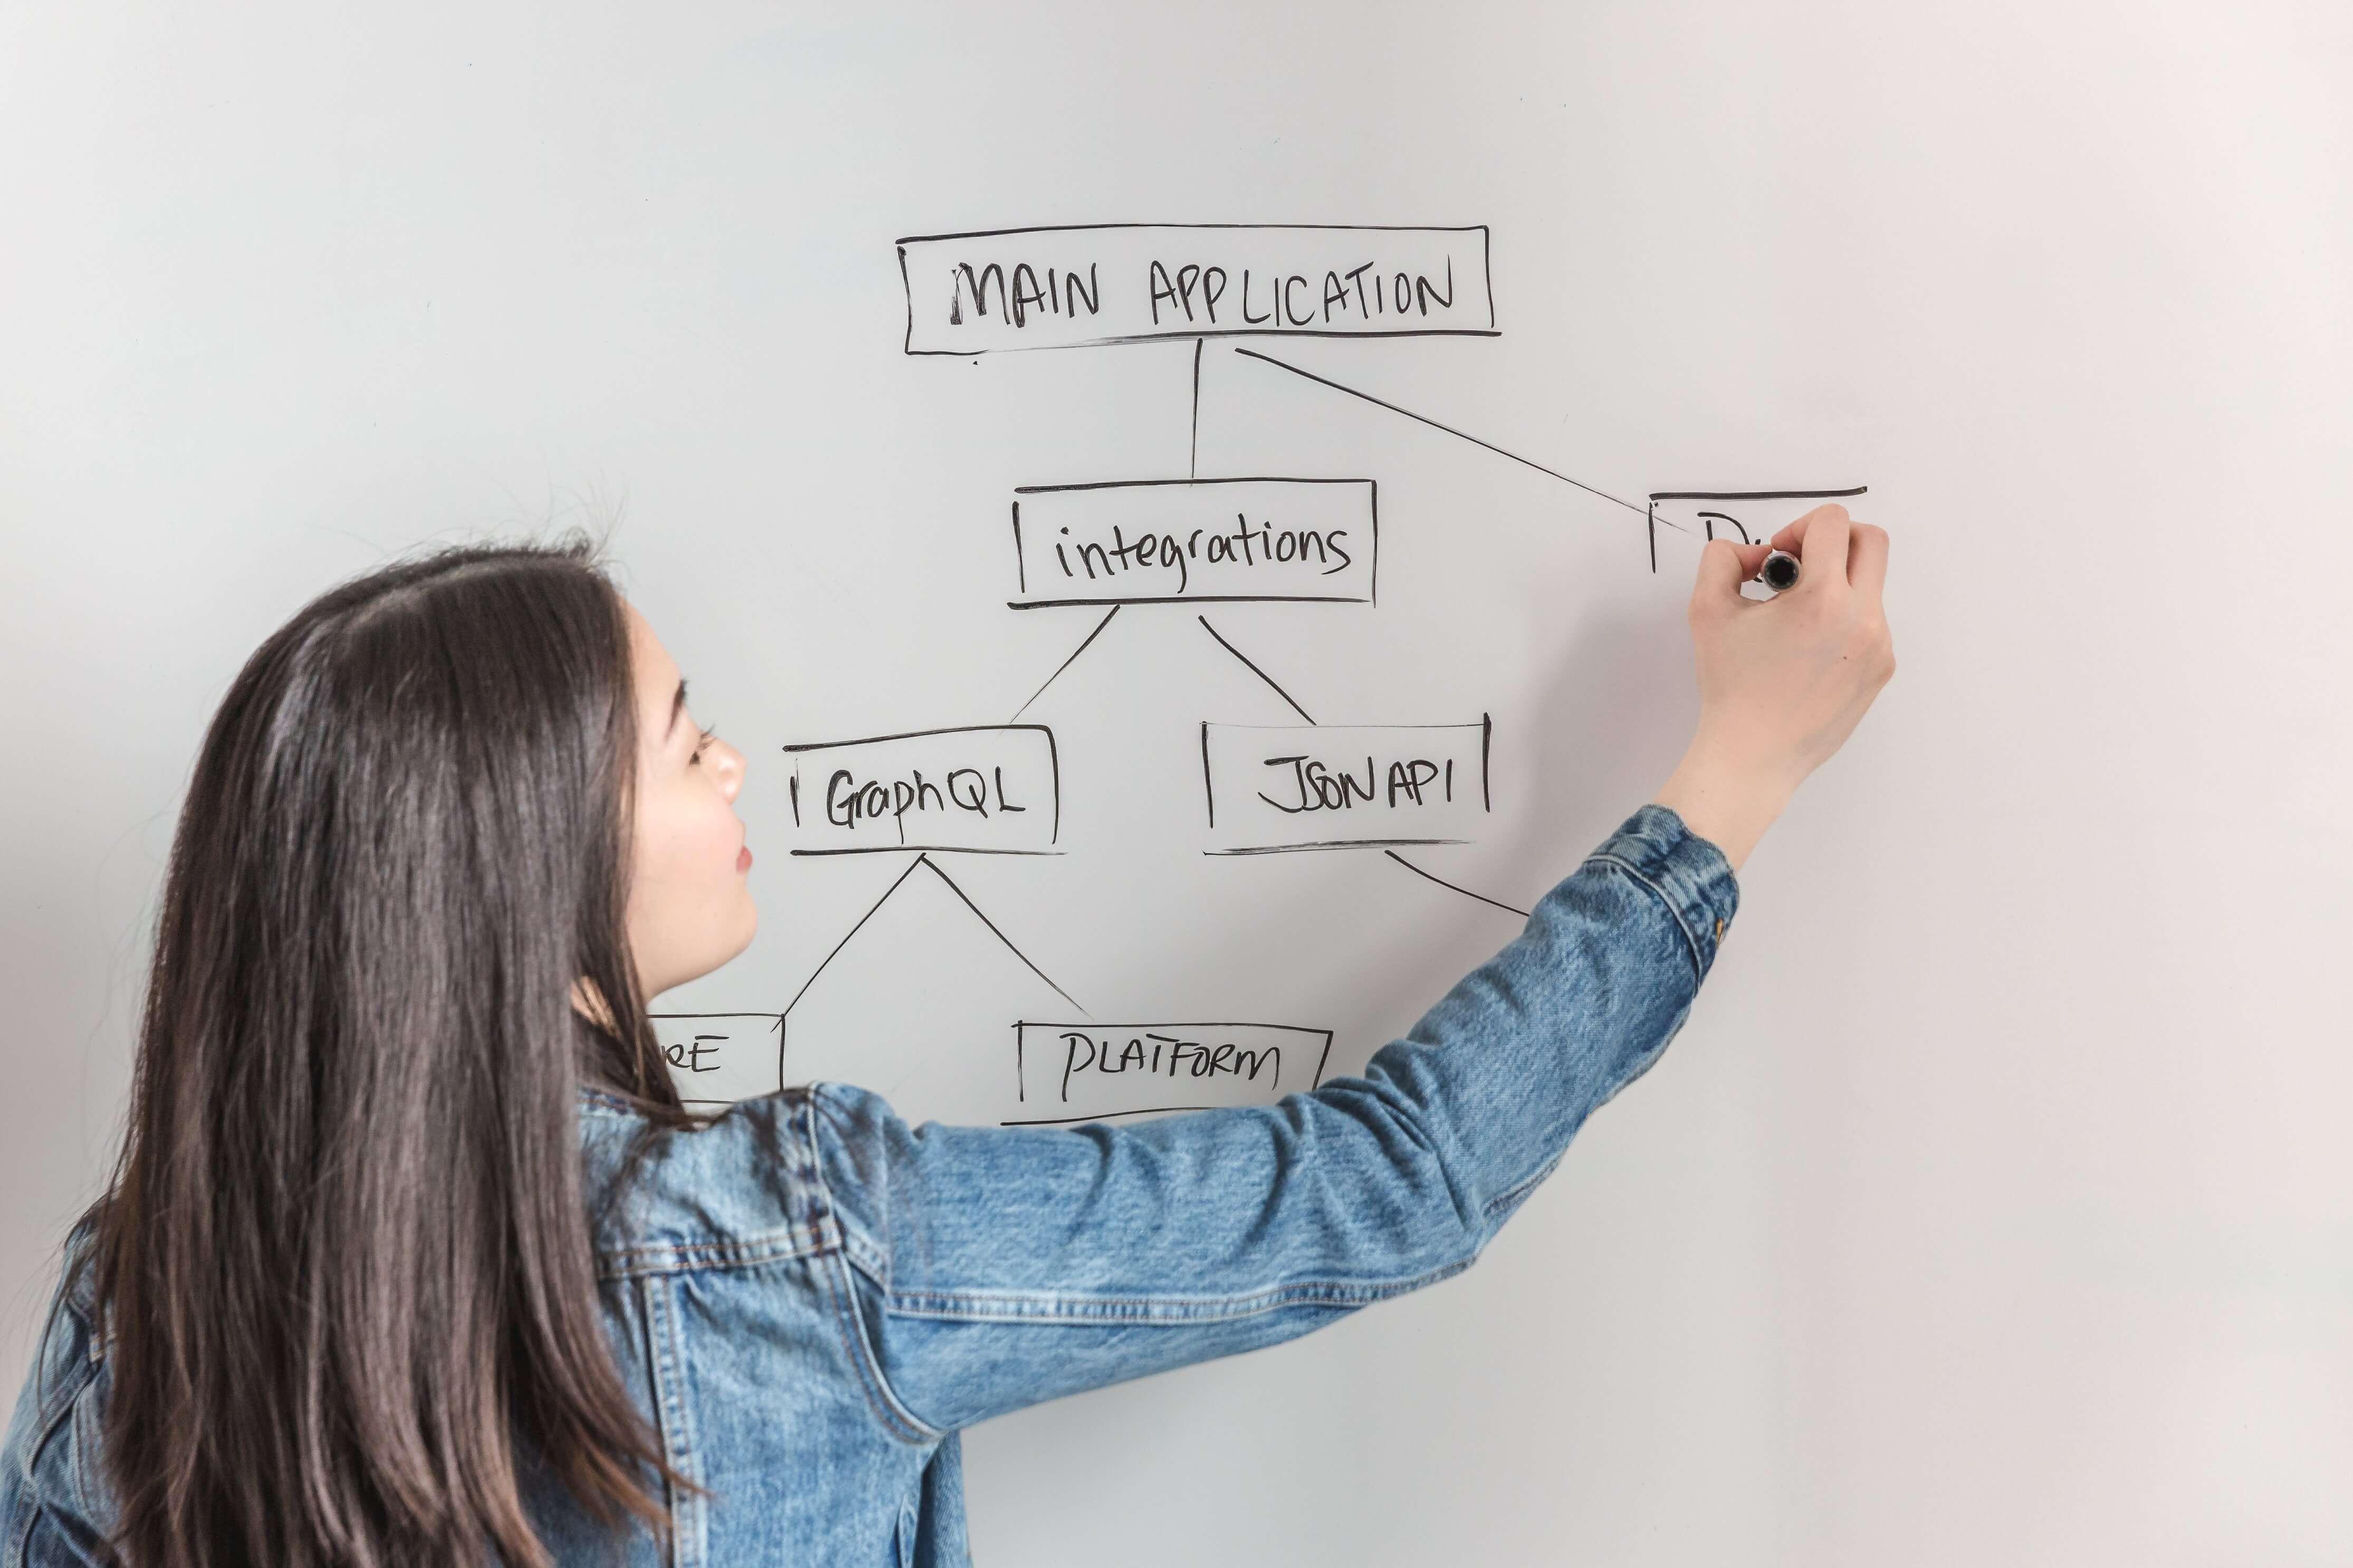 Business Analyst cần học gì? Bí kíp xác thực yêu cầu